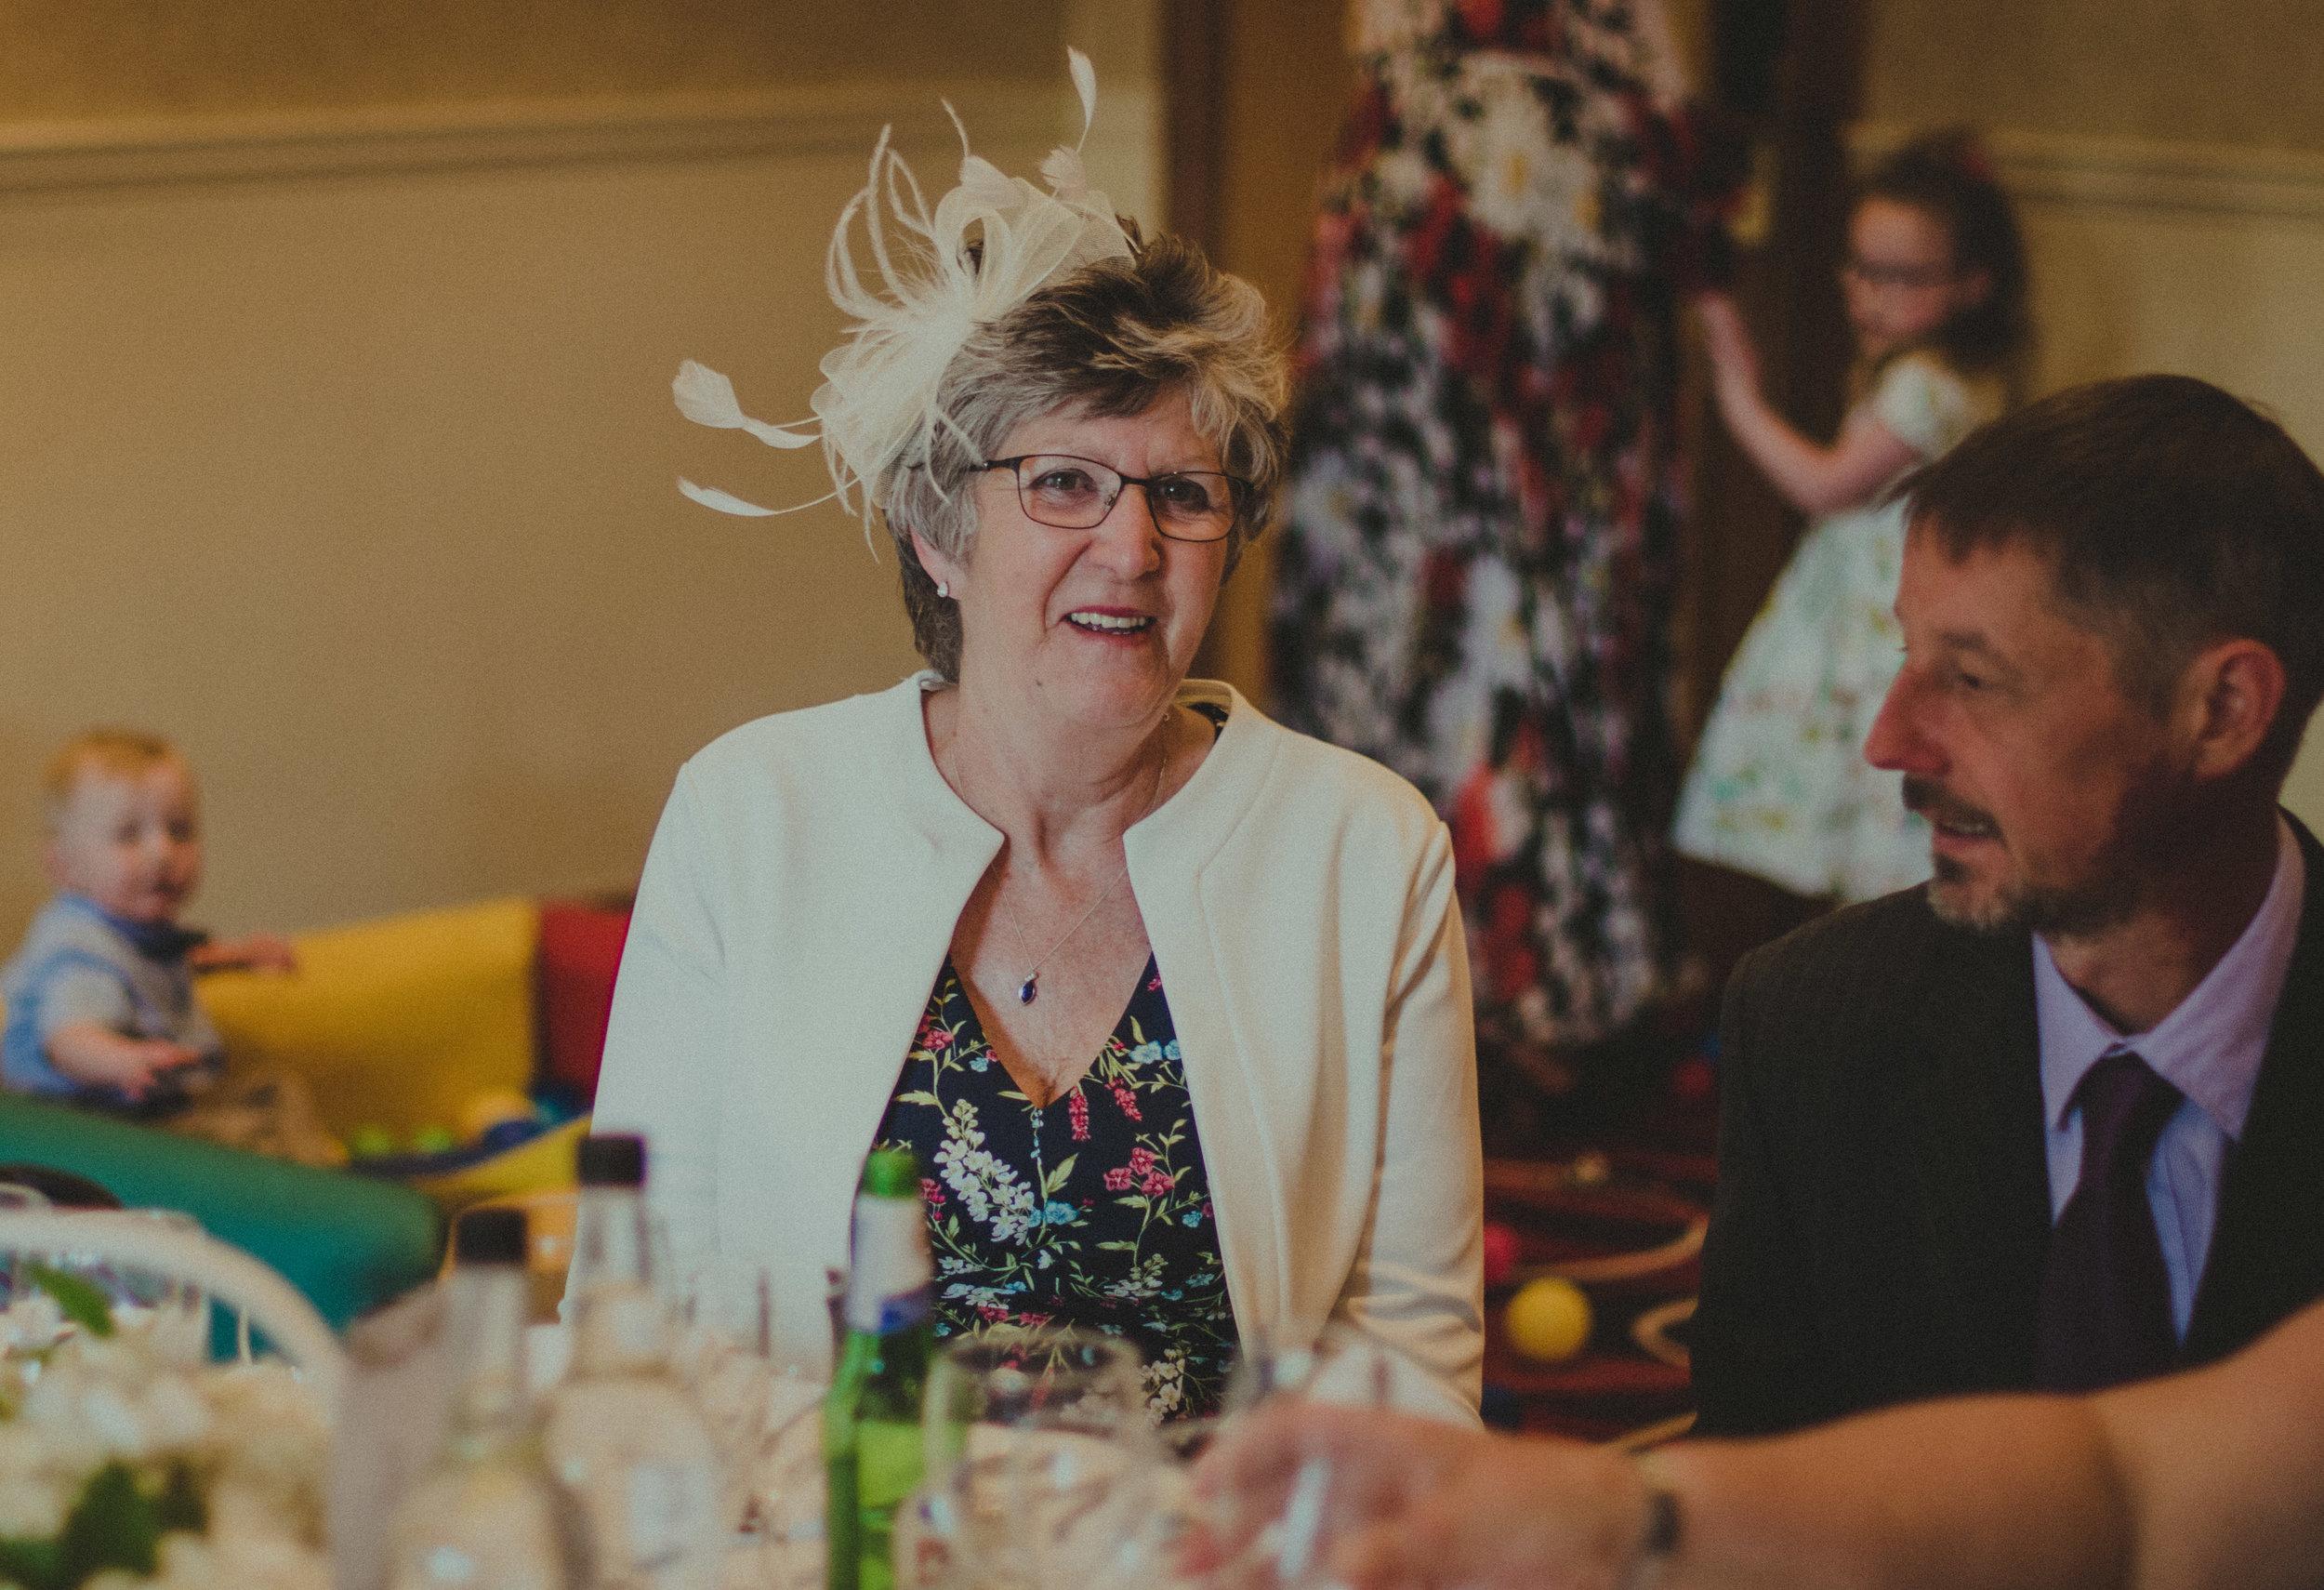 Devon wedding Photographer wedding photographer engagement photographer Newquay wedding photographer Plymouth wedding photographer (1 of 1)-13.jpg